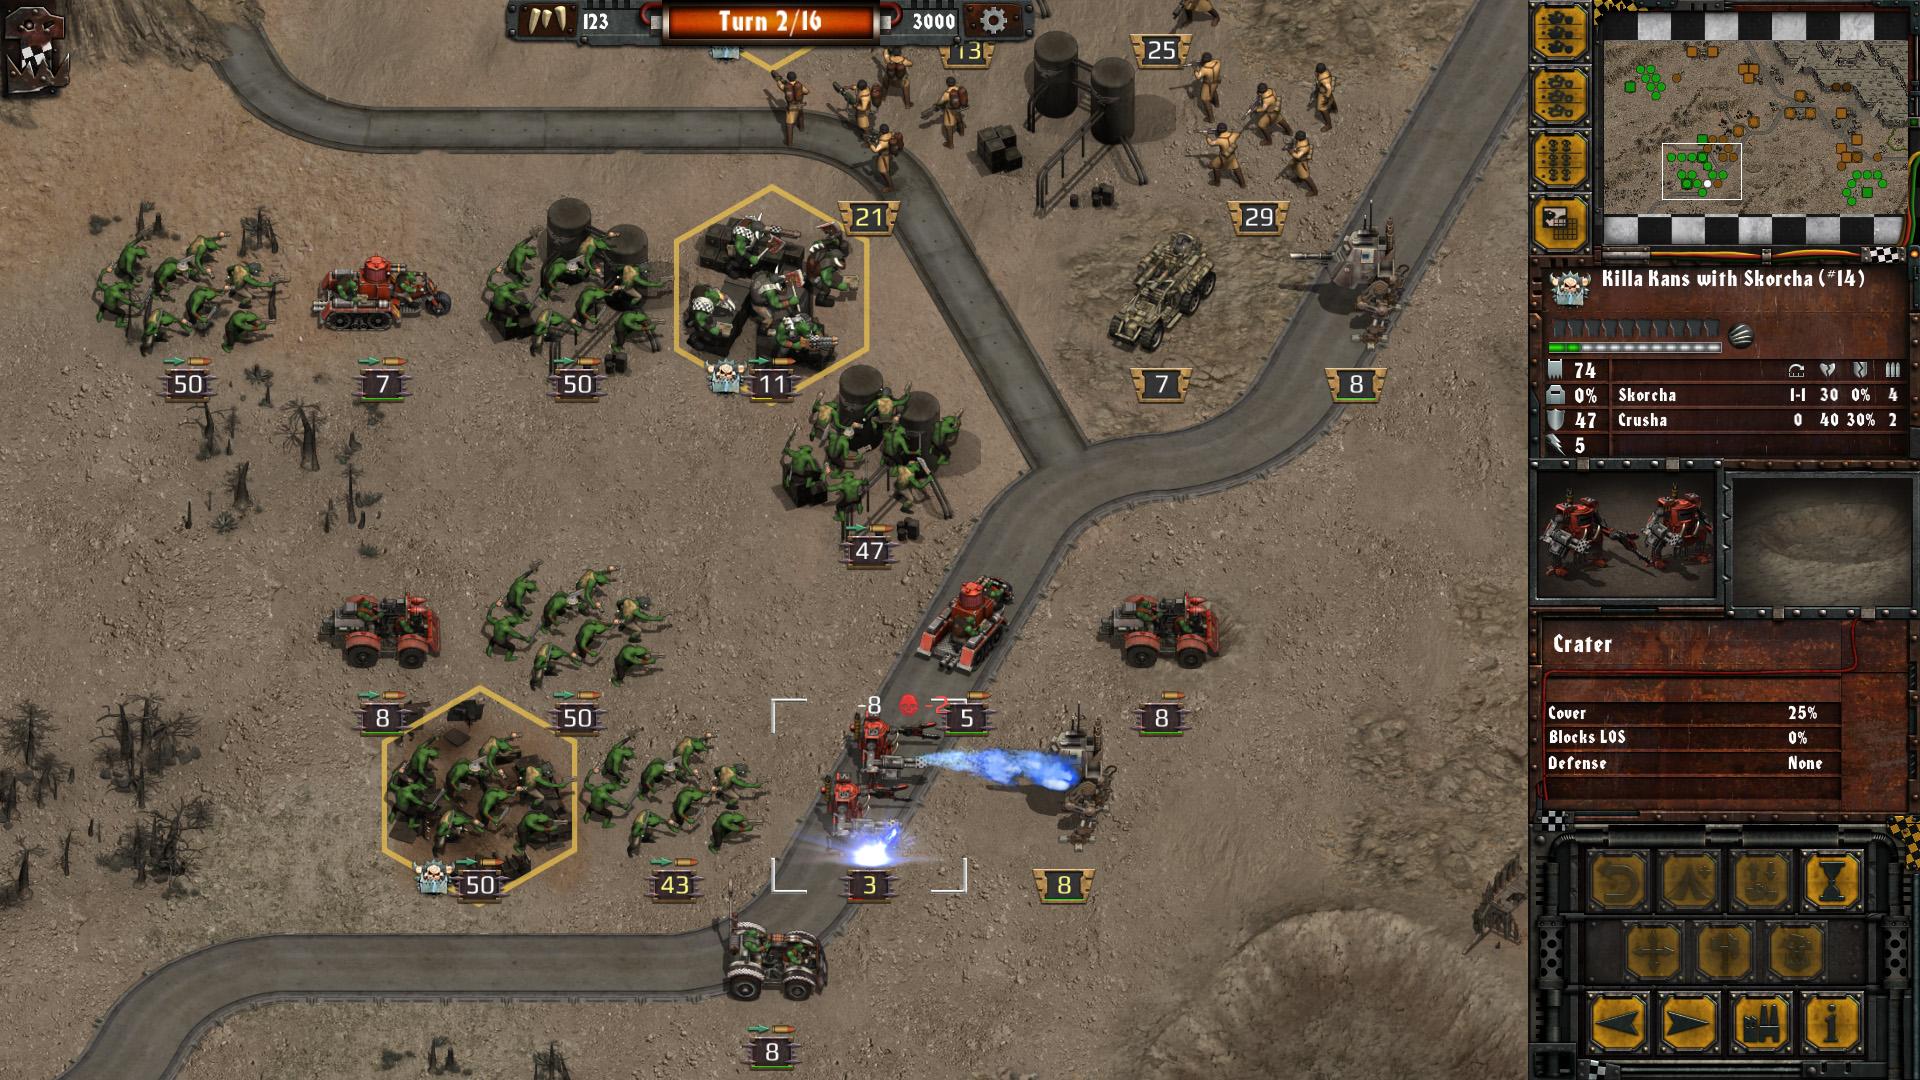 Warhammer 40,000: Armageddon - Da Orks Screenshot 1